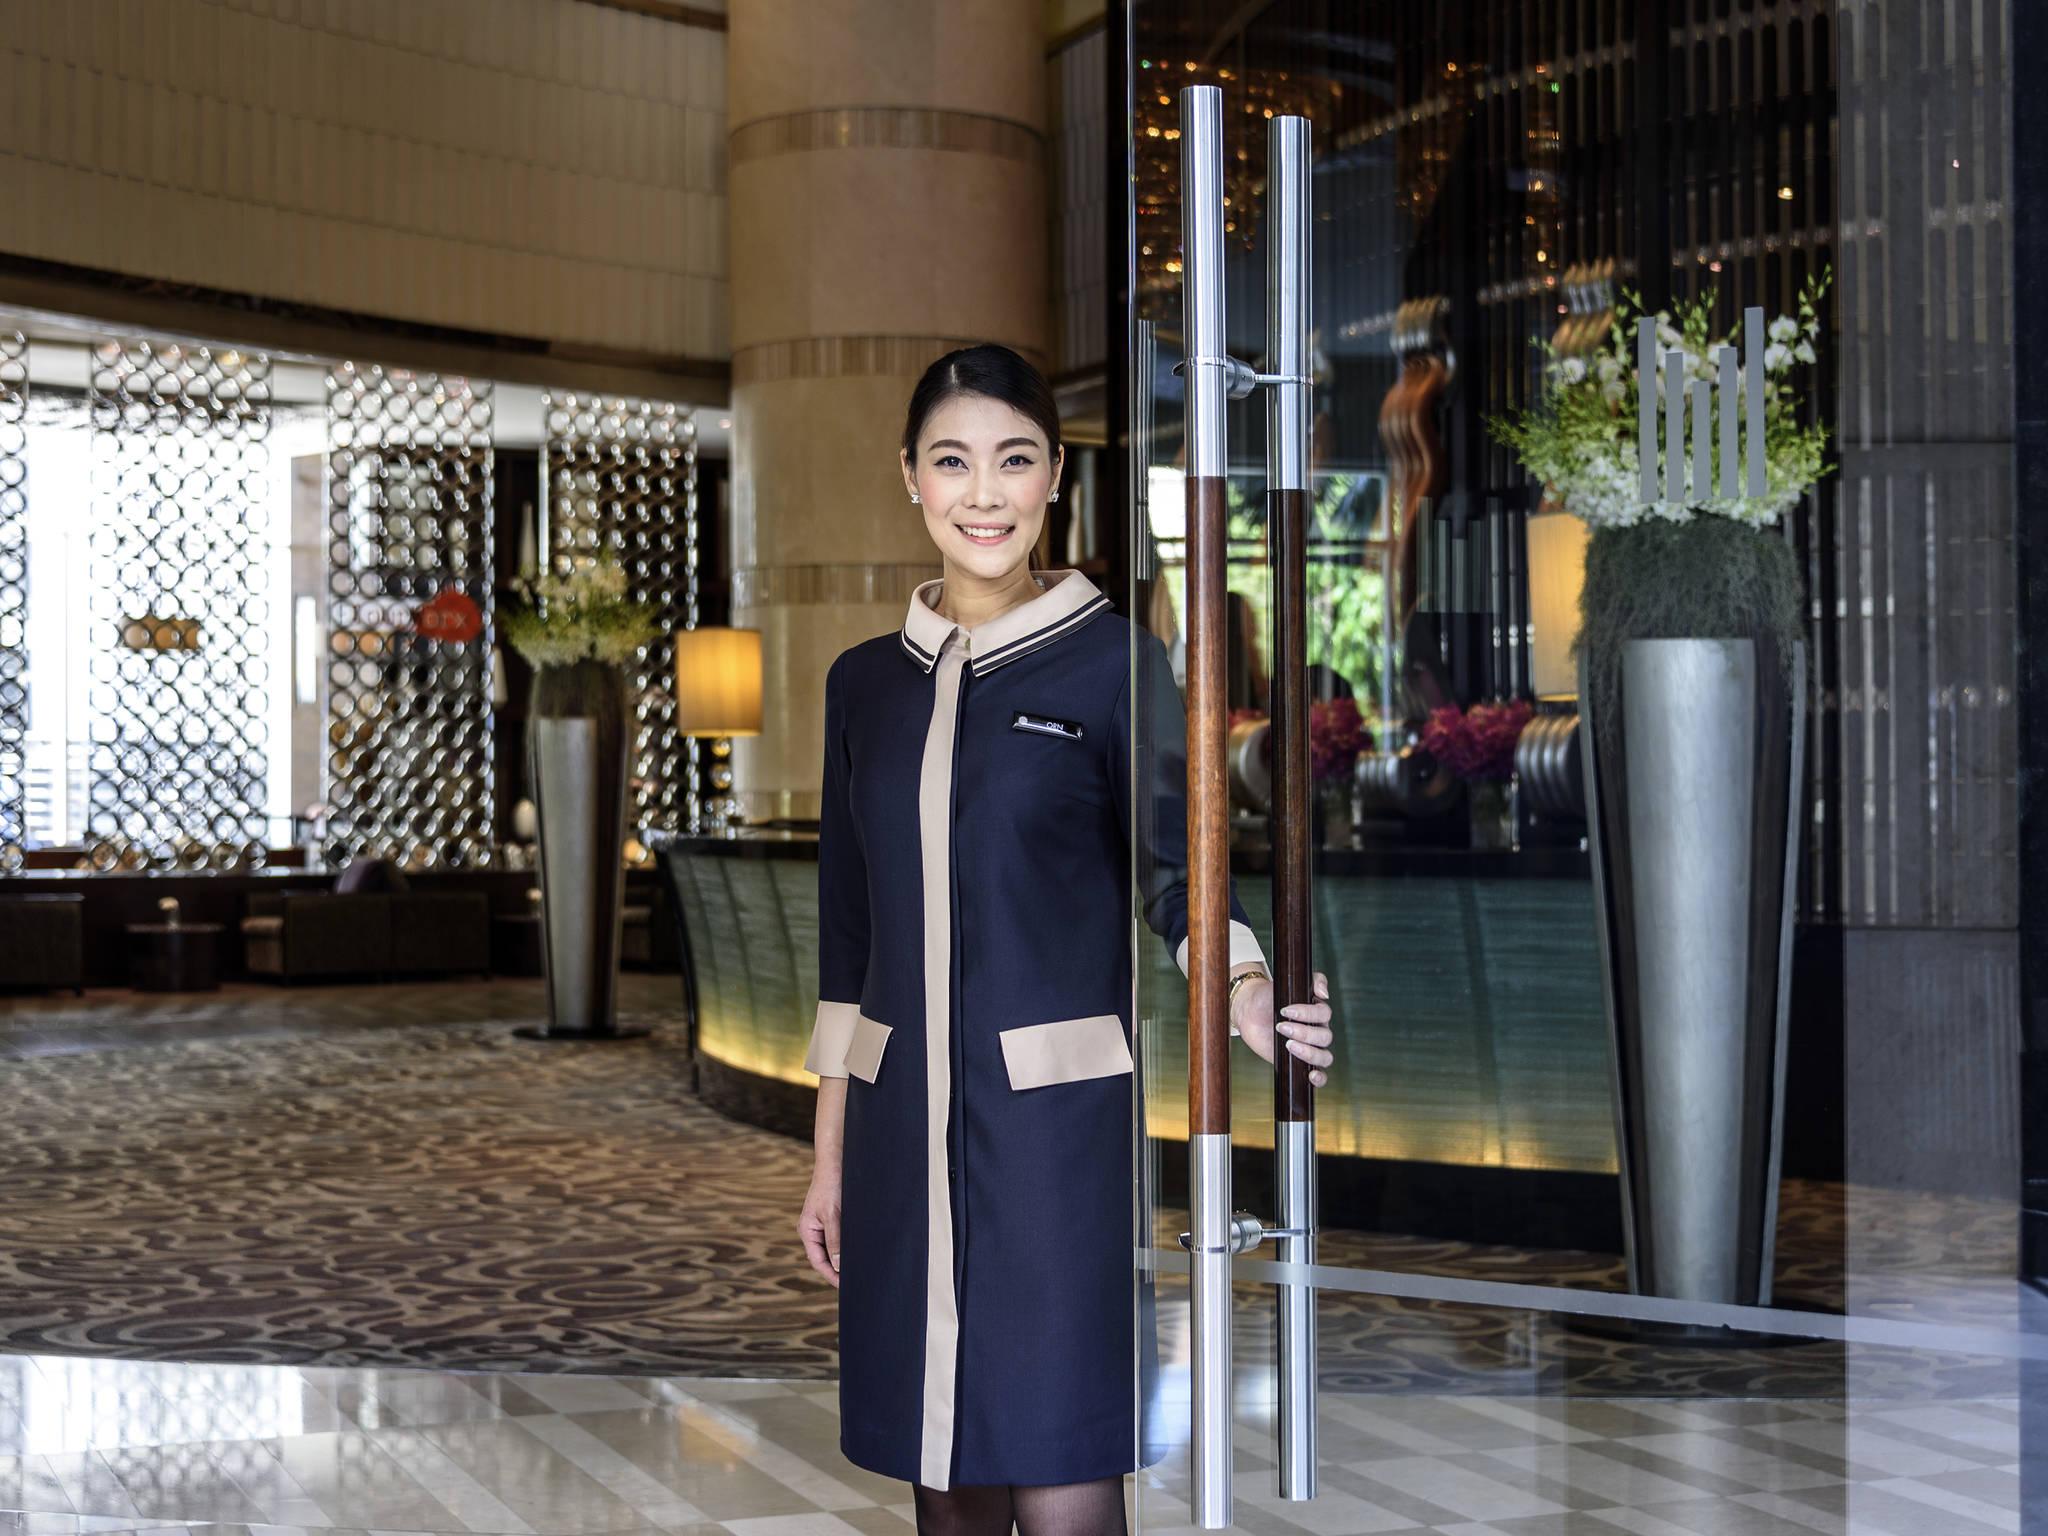 โรงแรม – พูลแมน โตเกียว ทามาจิ (เปิดให้บริการเดือนตุลาคม 2018)